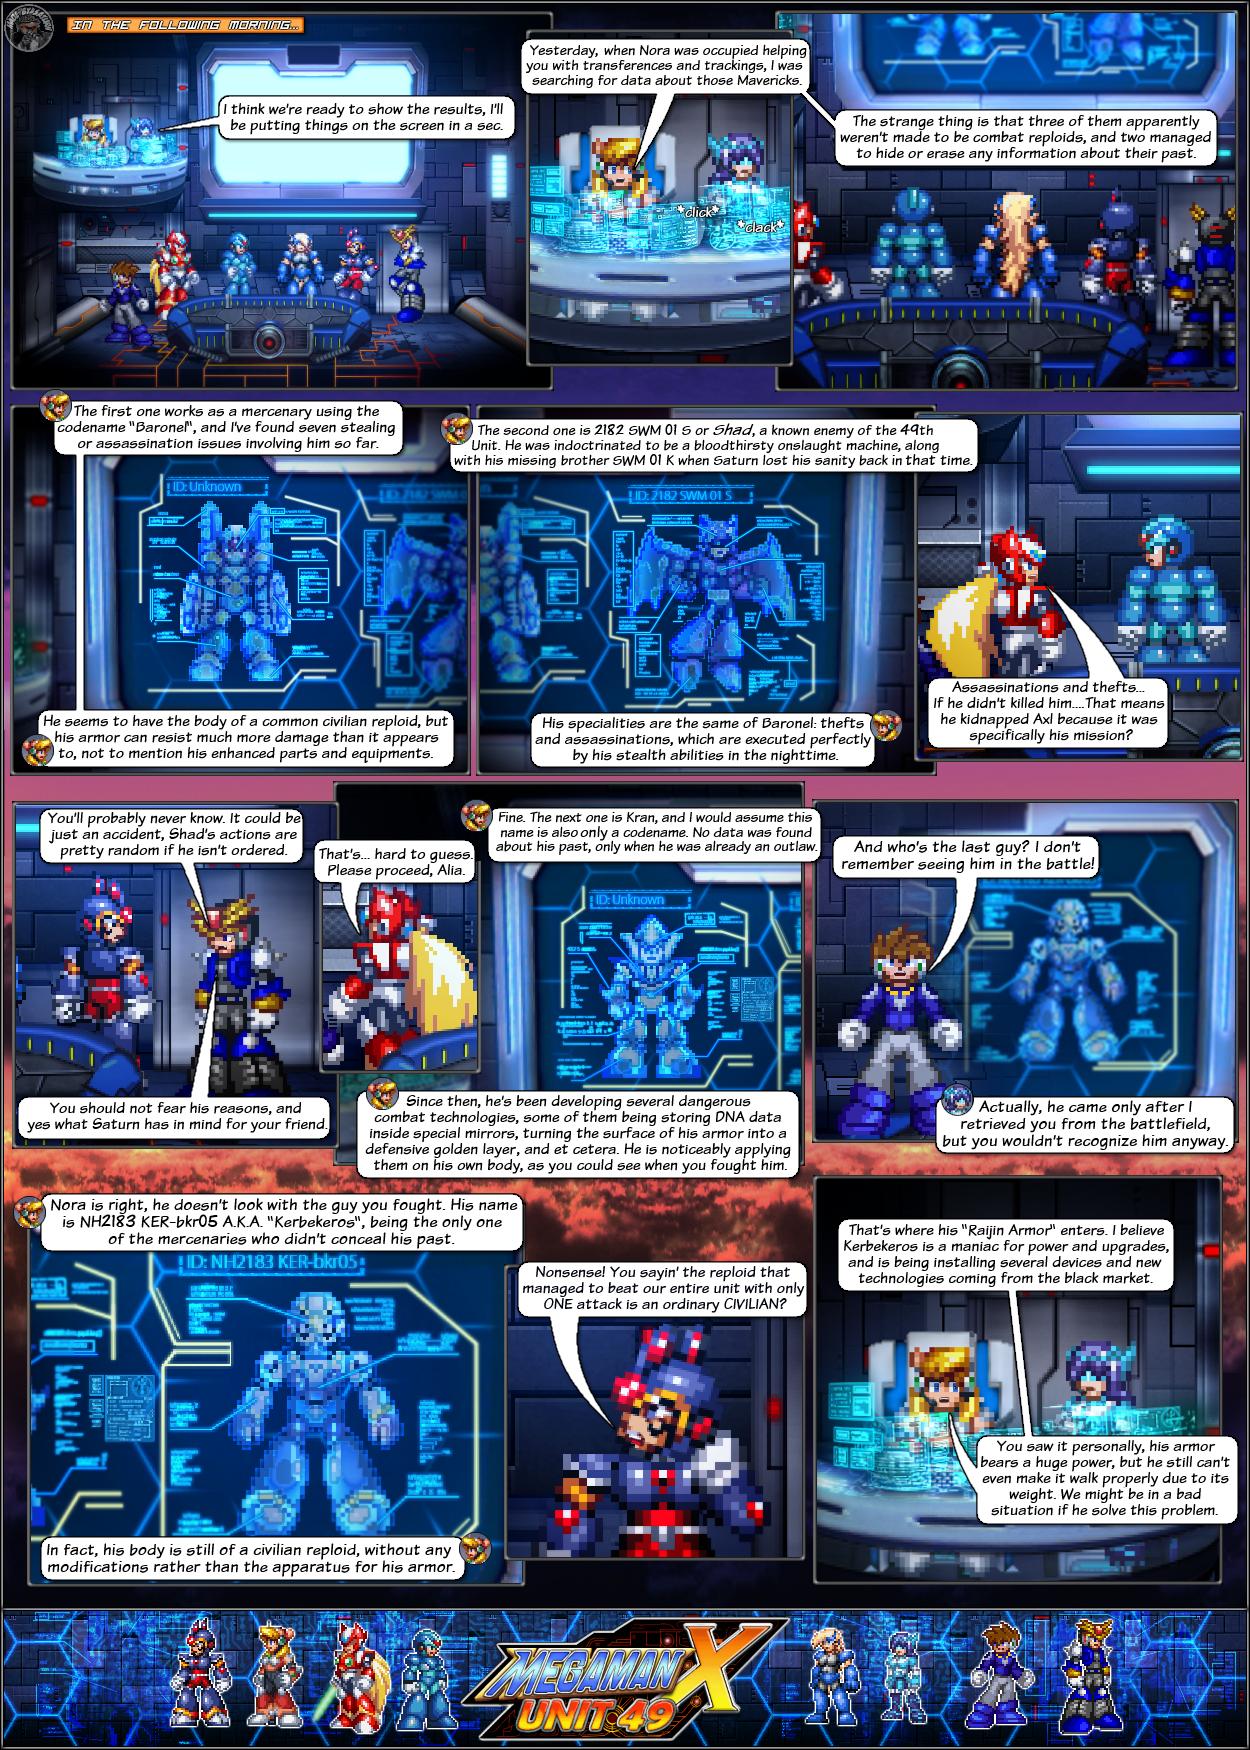 MMX:U49 - S1Ch7: Briefing (Page 1) by IrregularSaturn